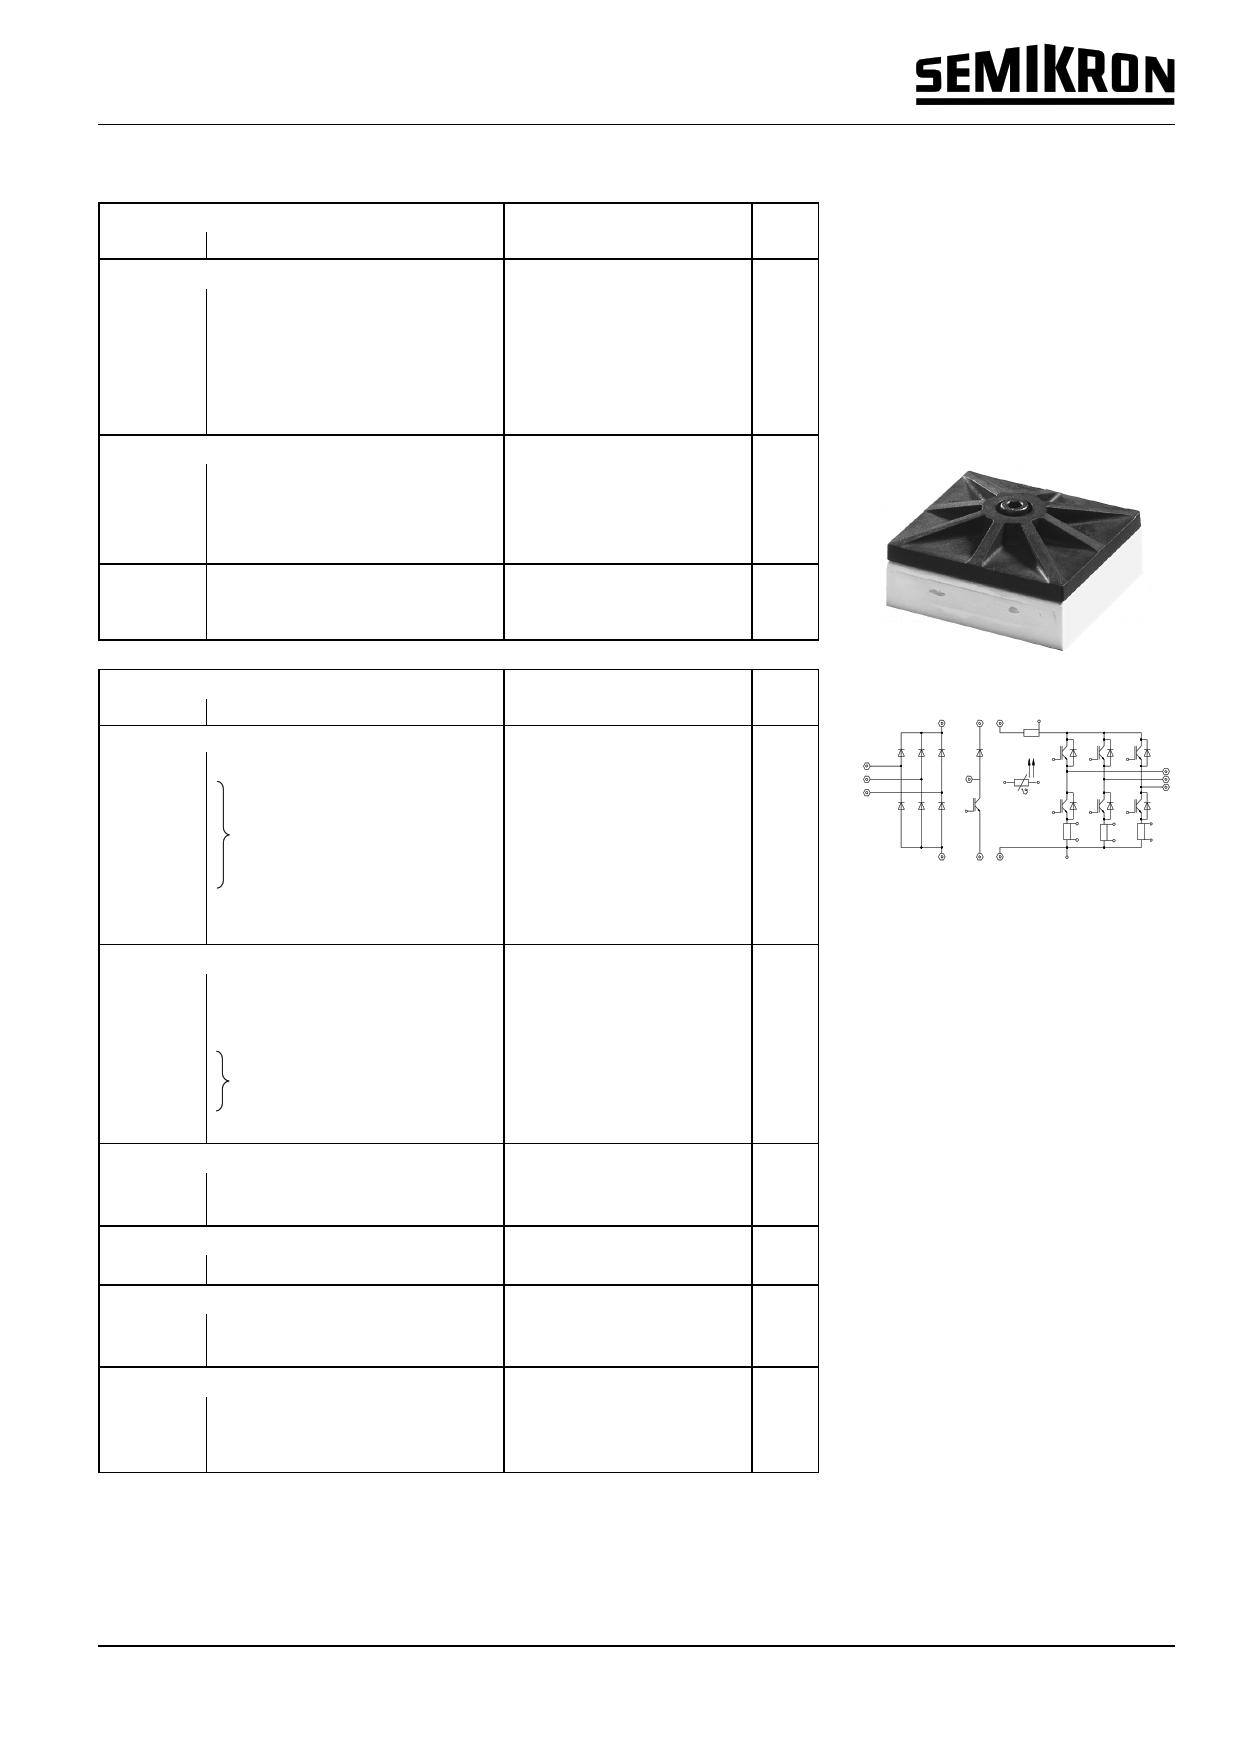 SKiiP22NAB12I 데이터시트 및 SKiiP22NAB12I PDF